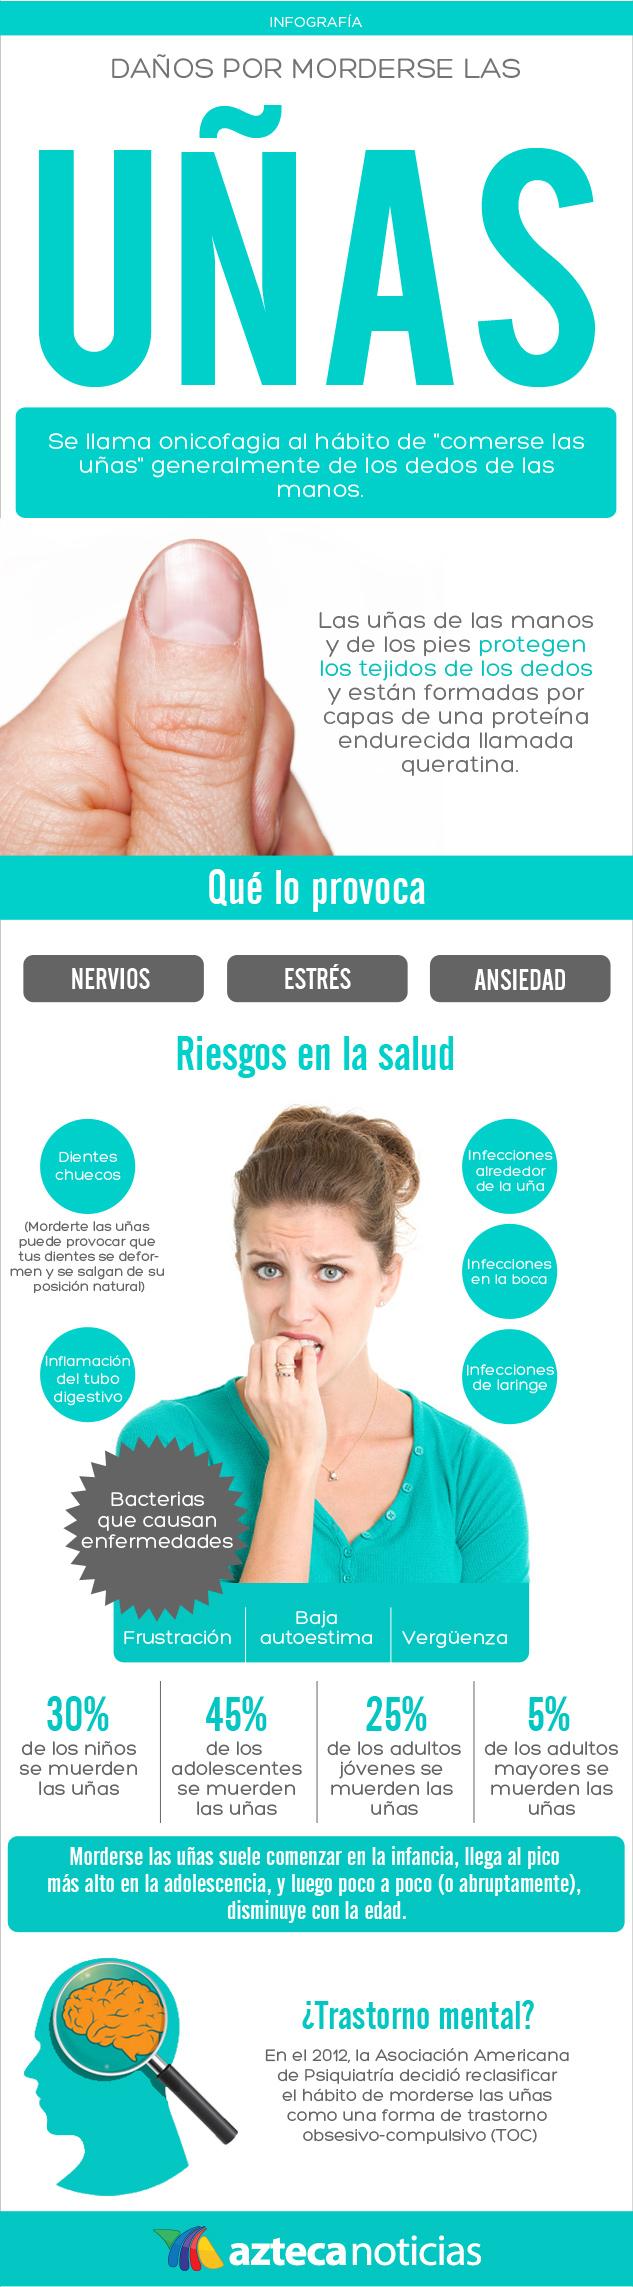 Daños por morderse las uñas #infografia | Anatomía | Pinterest | La ...